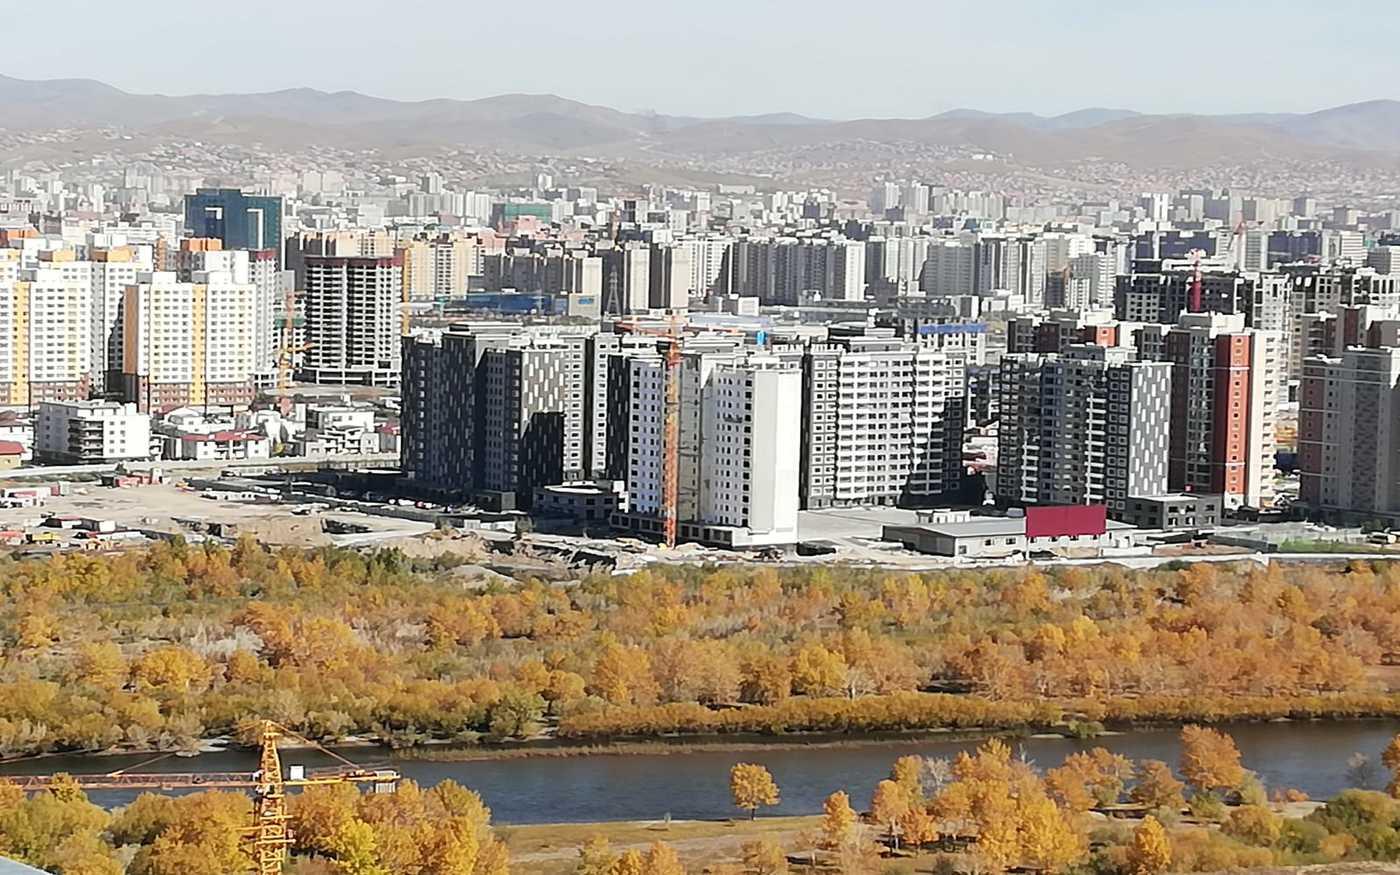 Stadtpanorama von Ulan Bator - Aussichtspunkt auf dem Zaisan Hügel